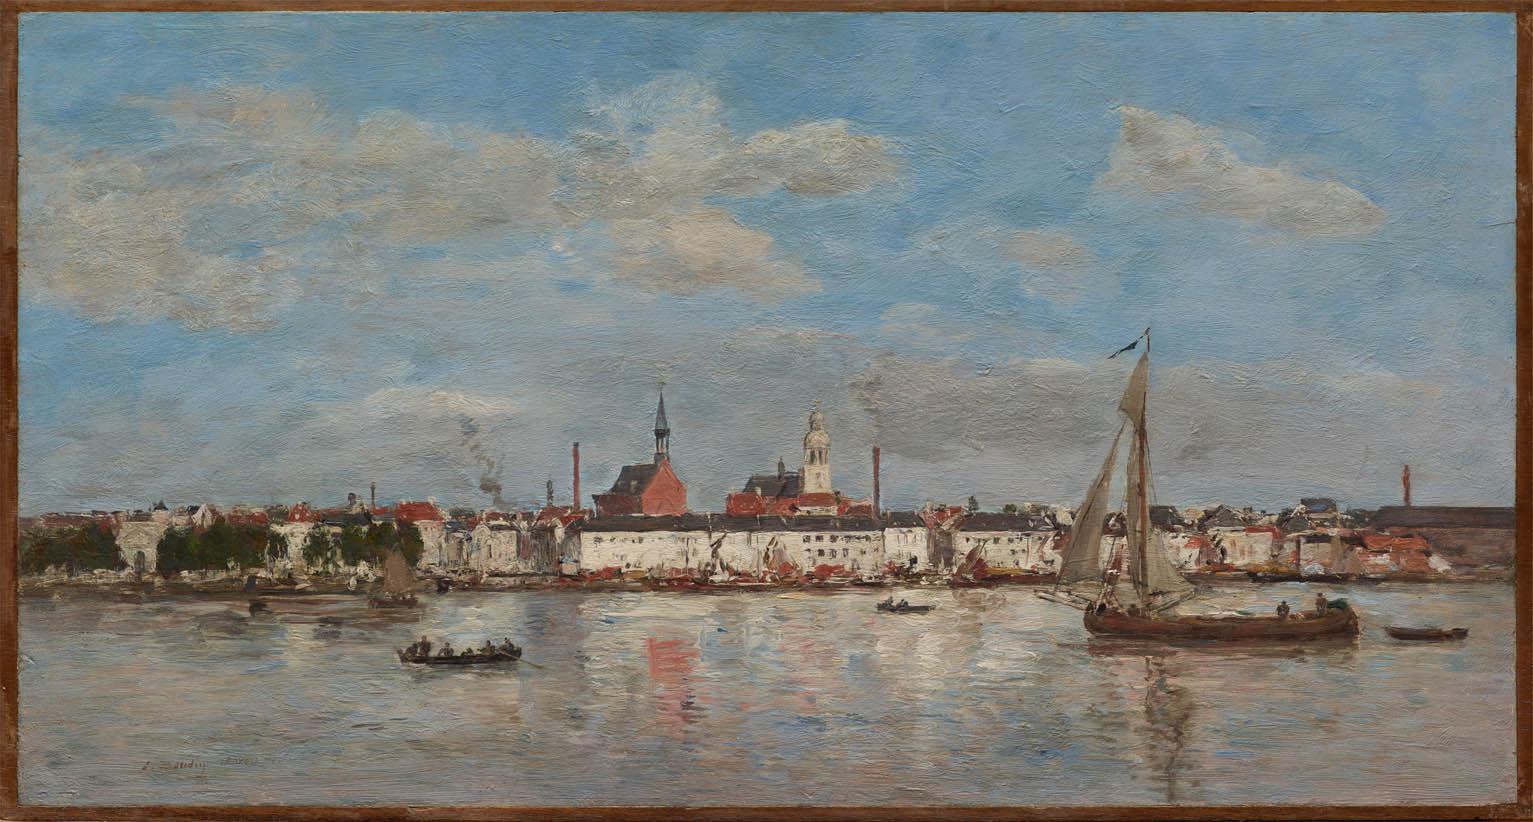 Le quai à Anvers (1874)